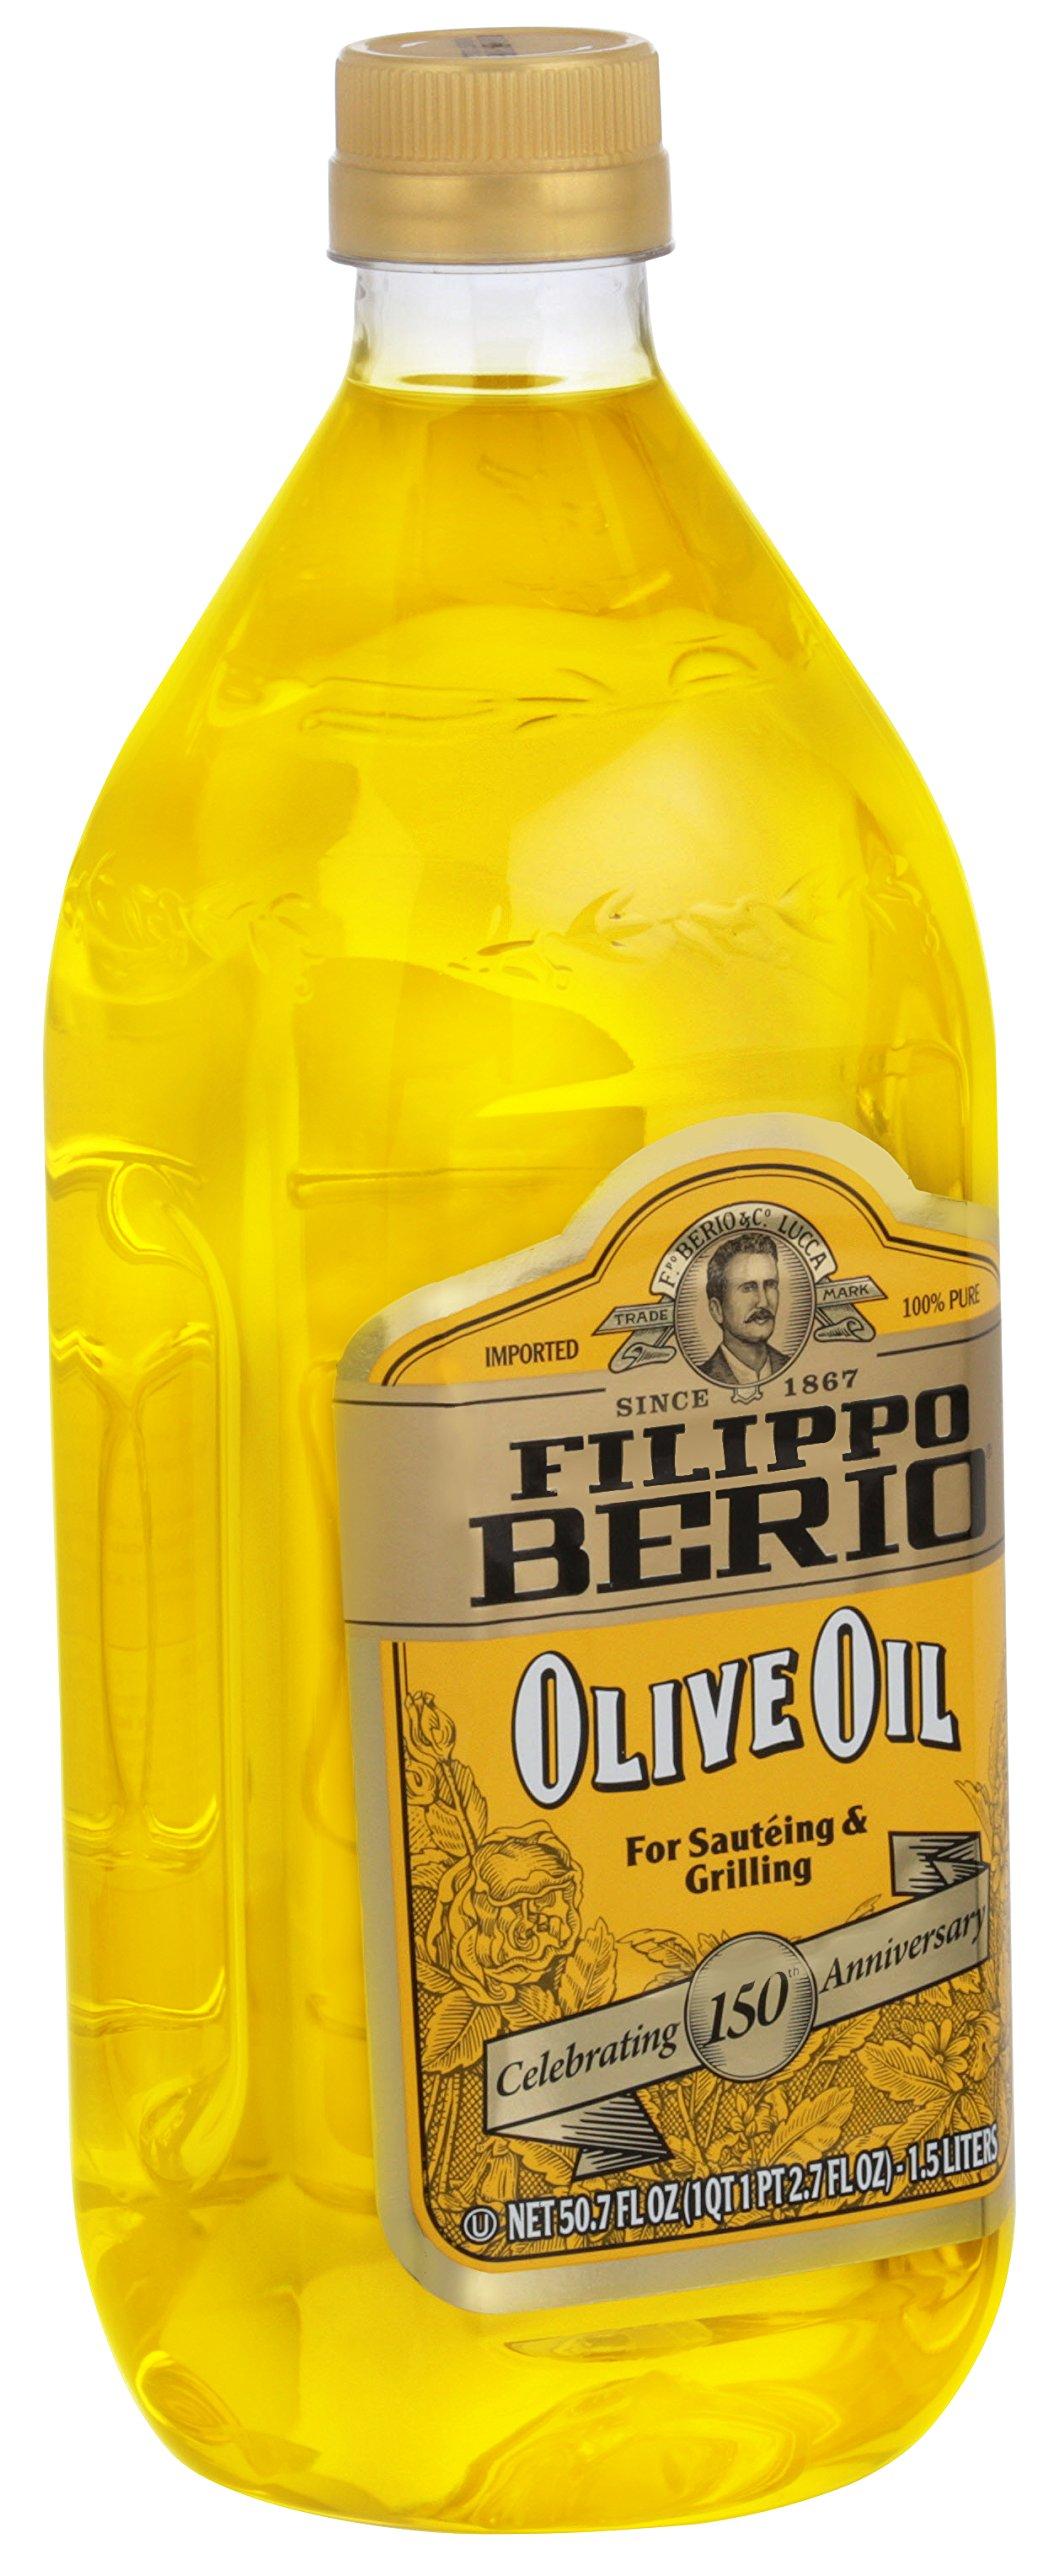 Filippo Berio Olive Oil, 50.7 Ounce by Filippo Berio (Image #3)